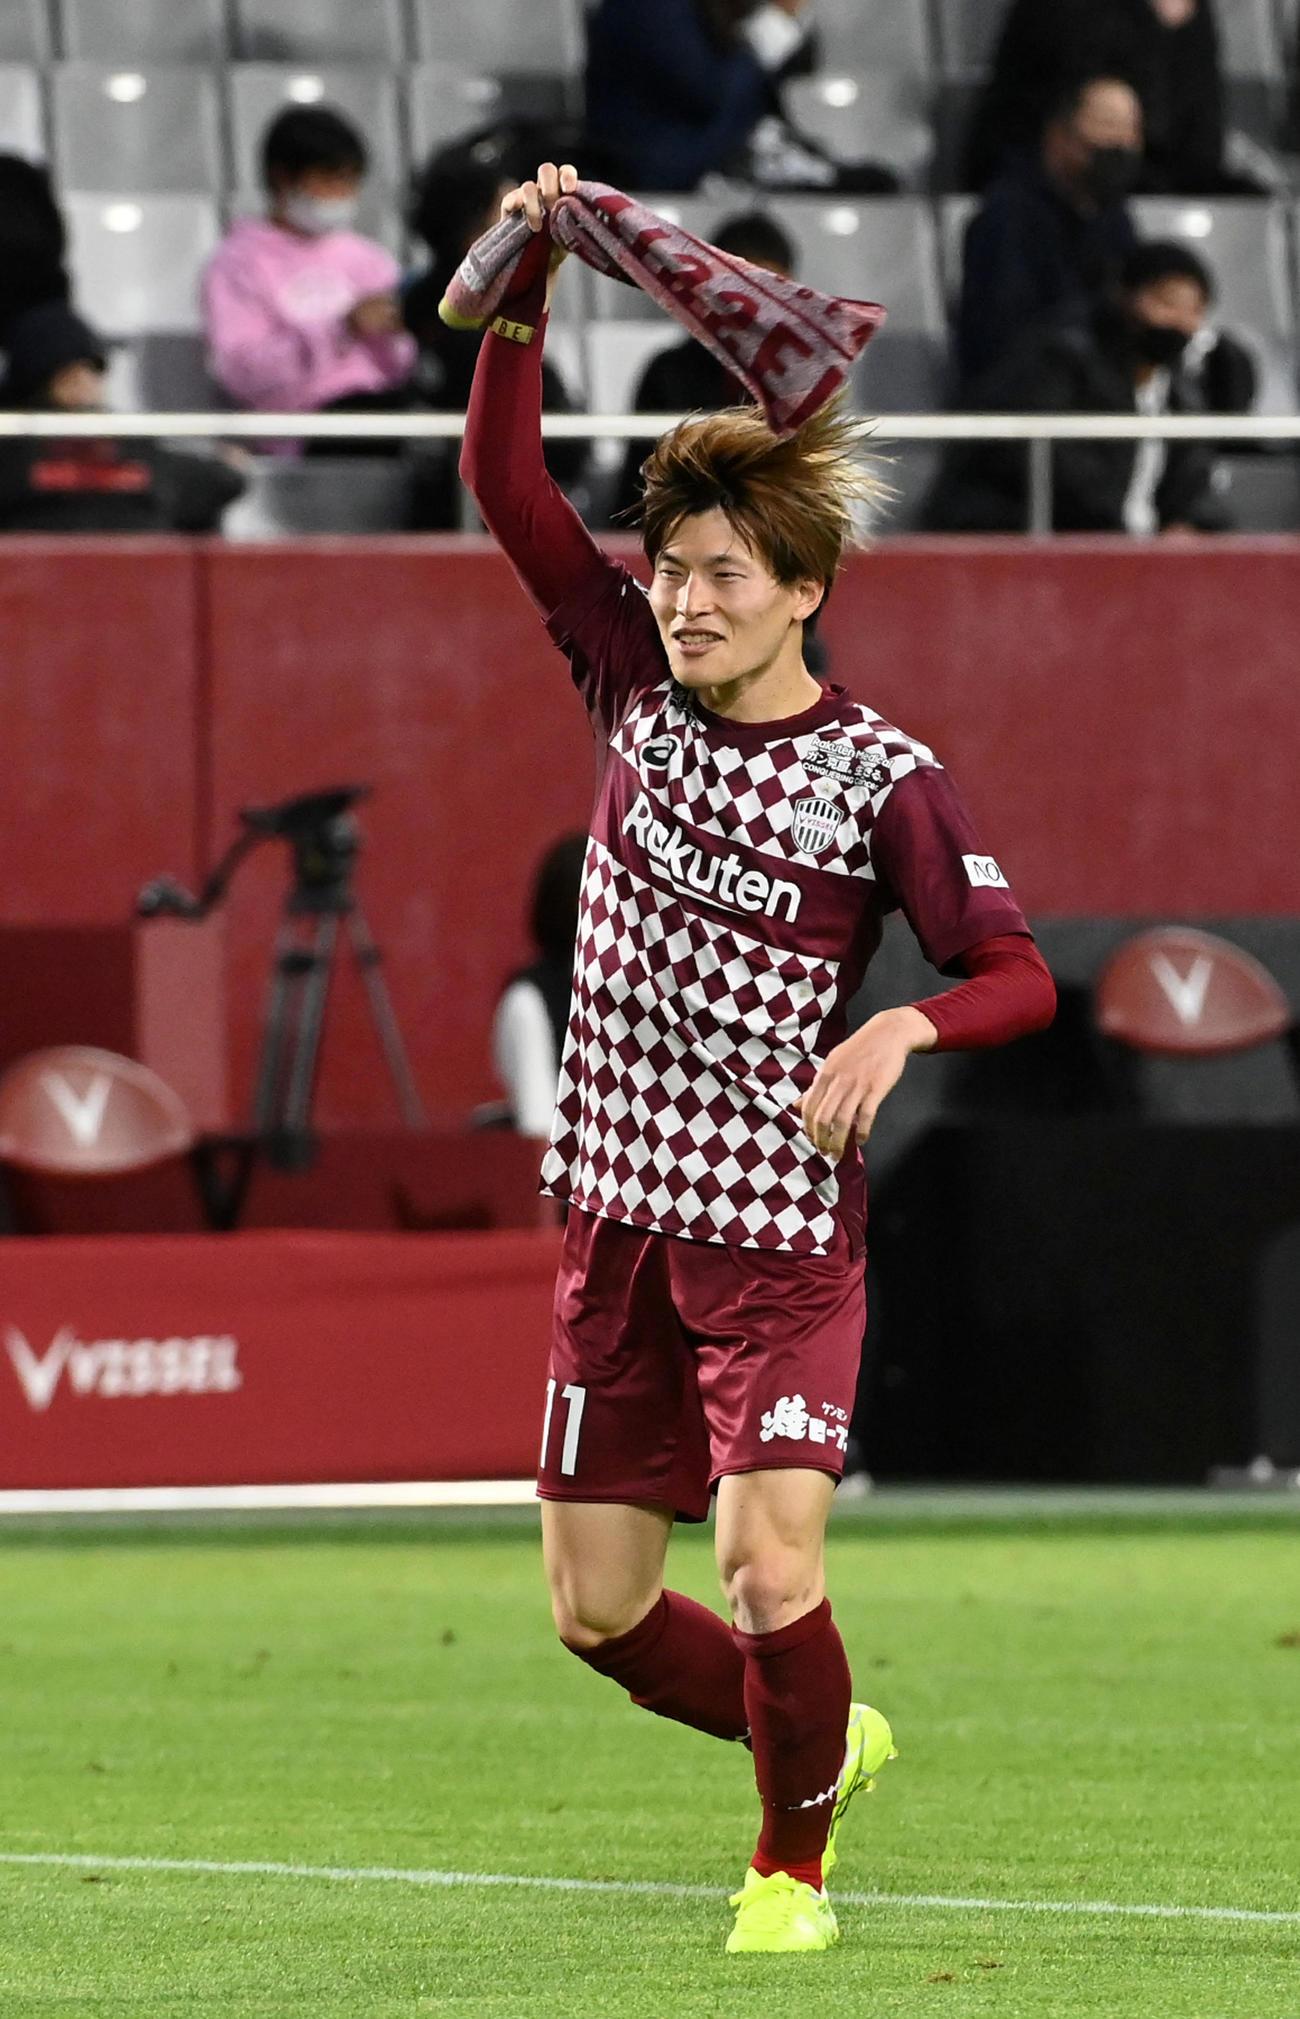 決勝ゴールの神戸FW古橋亨梧は笑顔でサポーターに勝利の報告